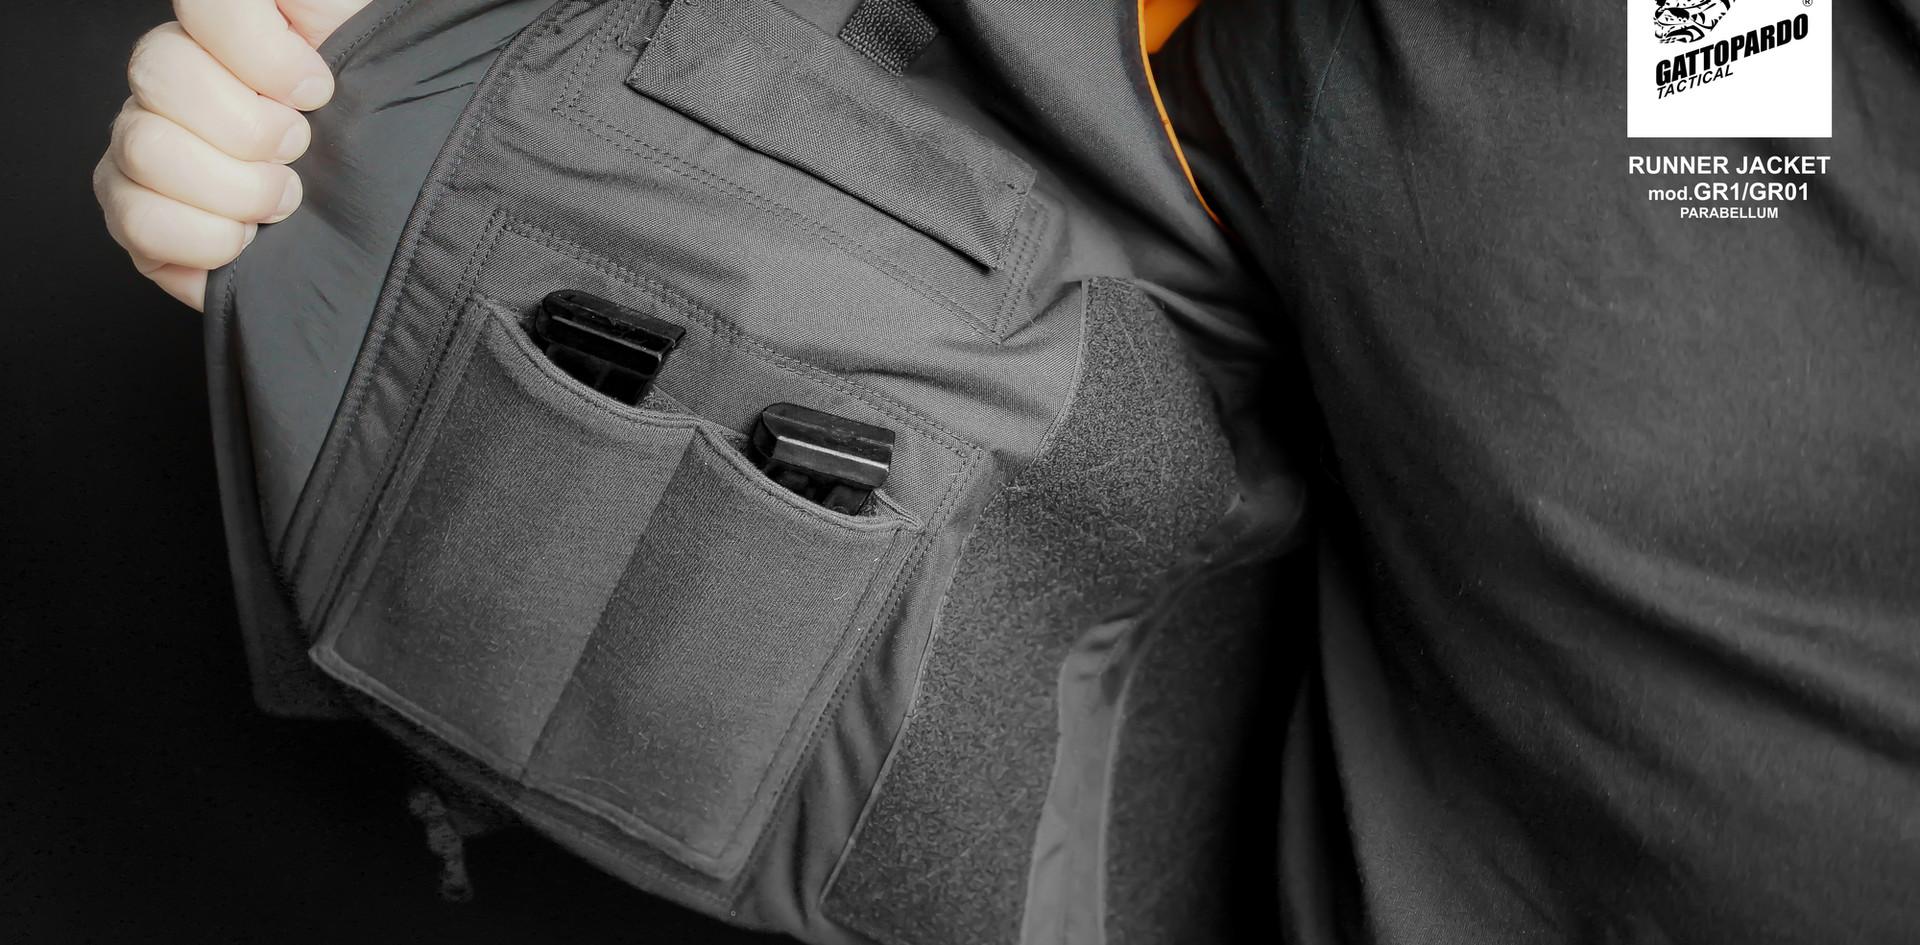 Gattopardo Parabellum Kevlar Jacket GR01